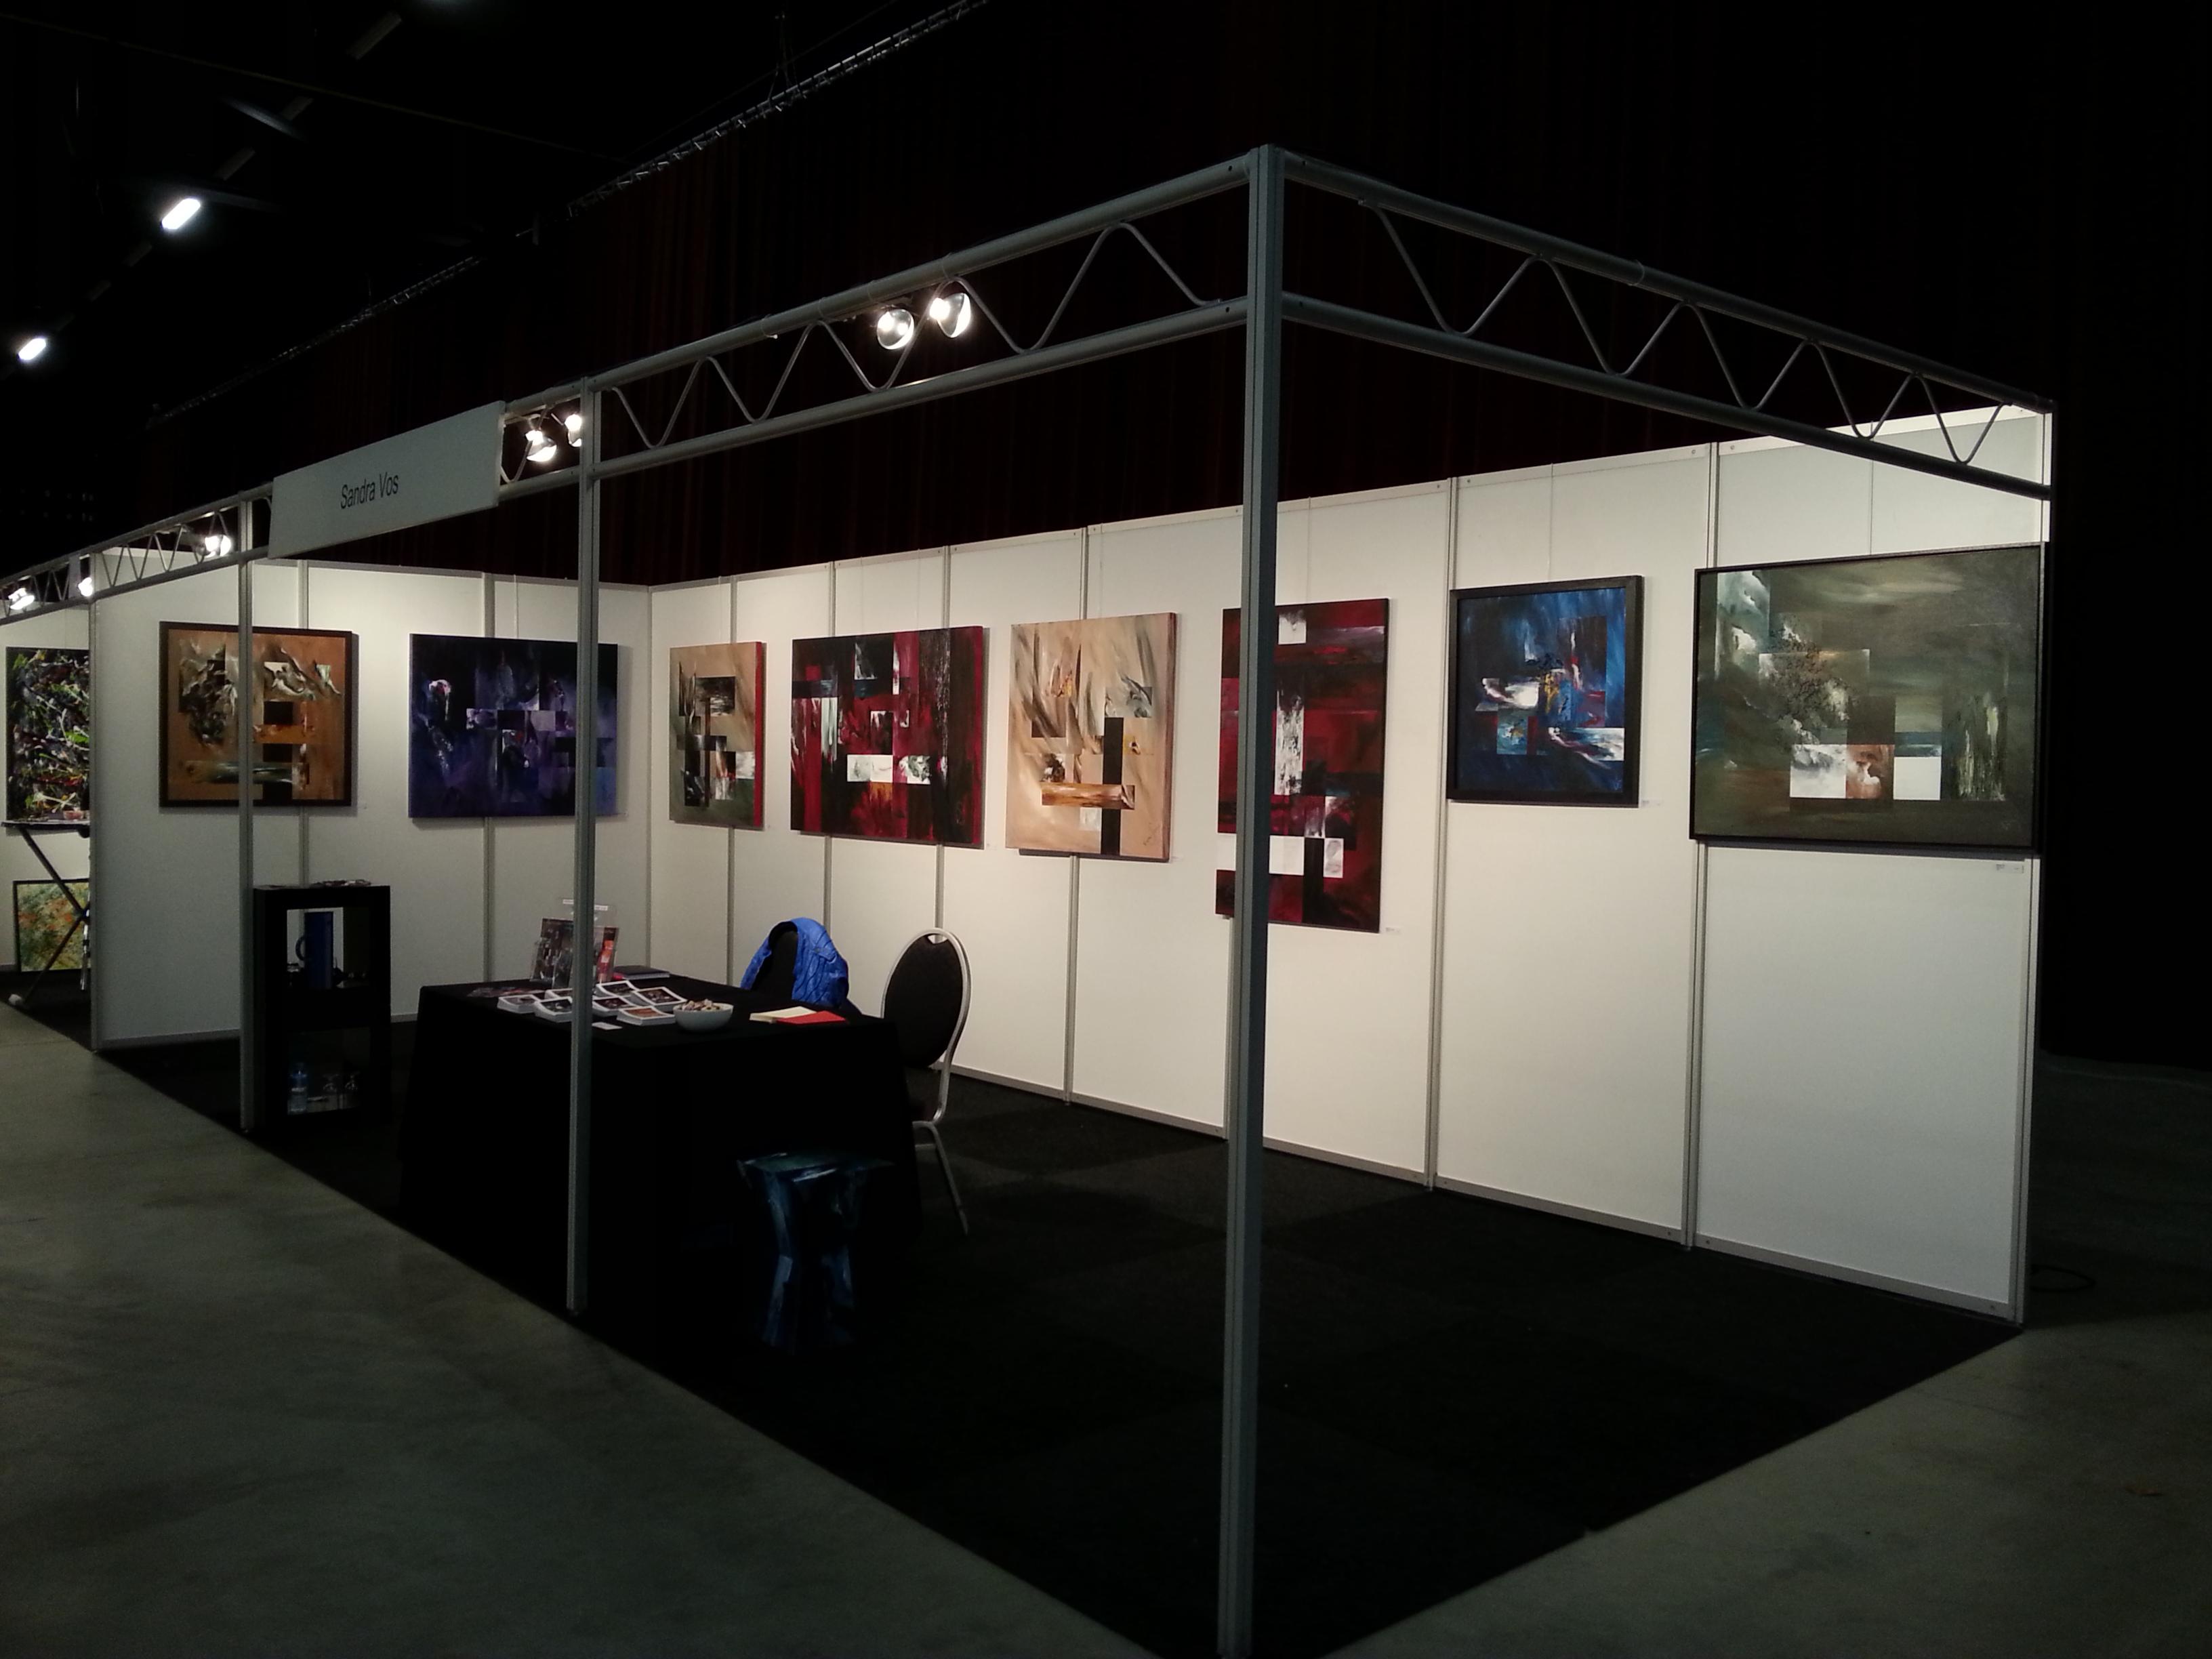 ART TT Assen 2012